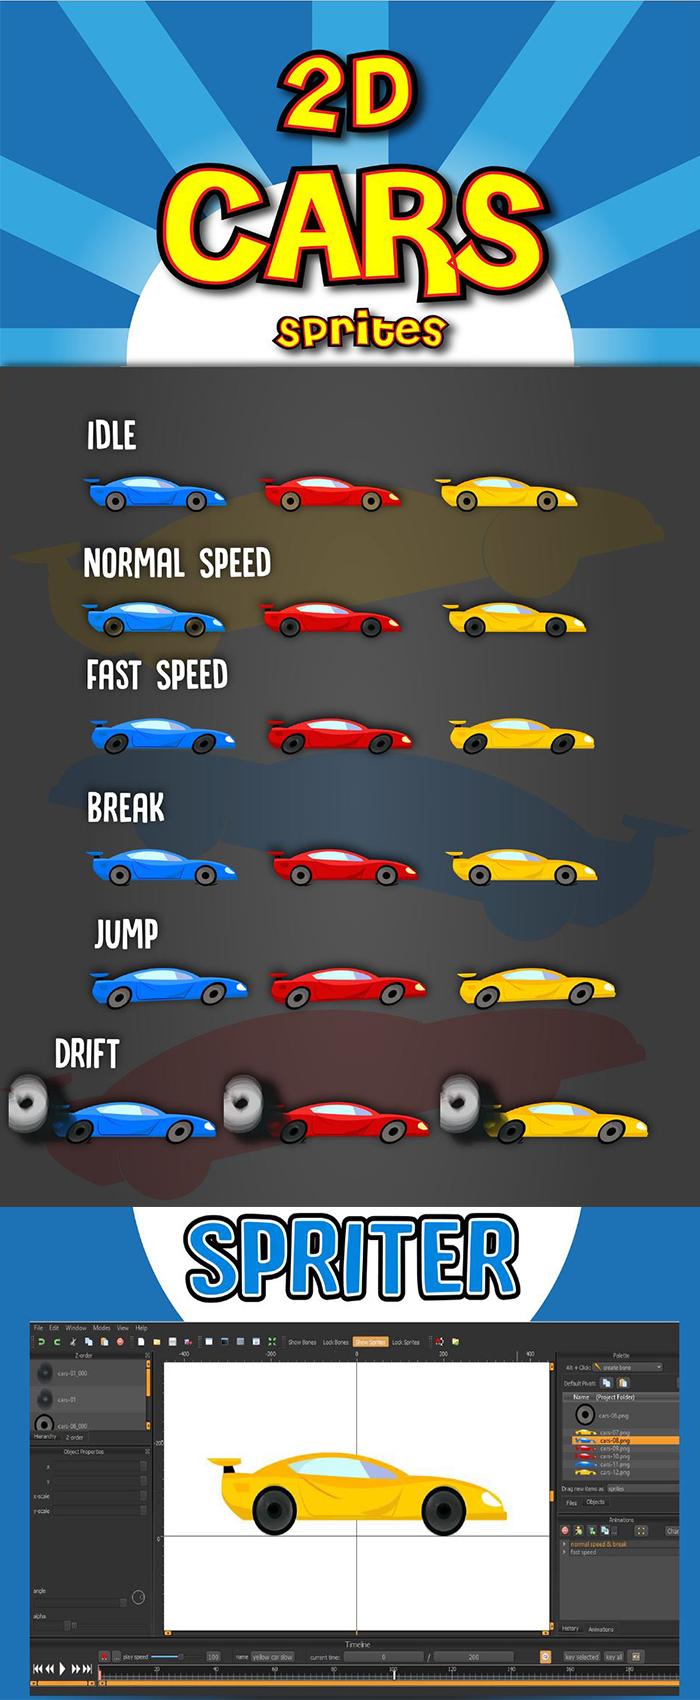 2d Cars Sprites